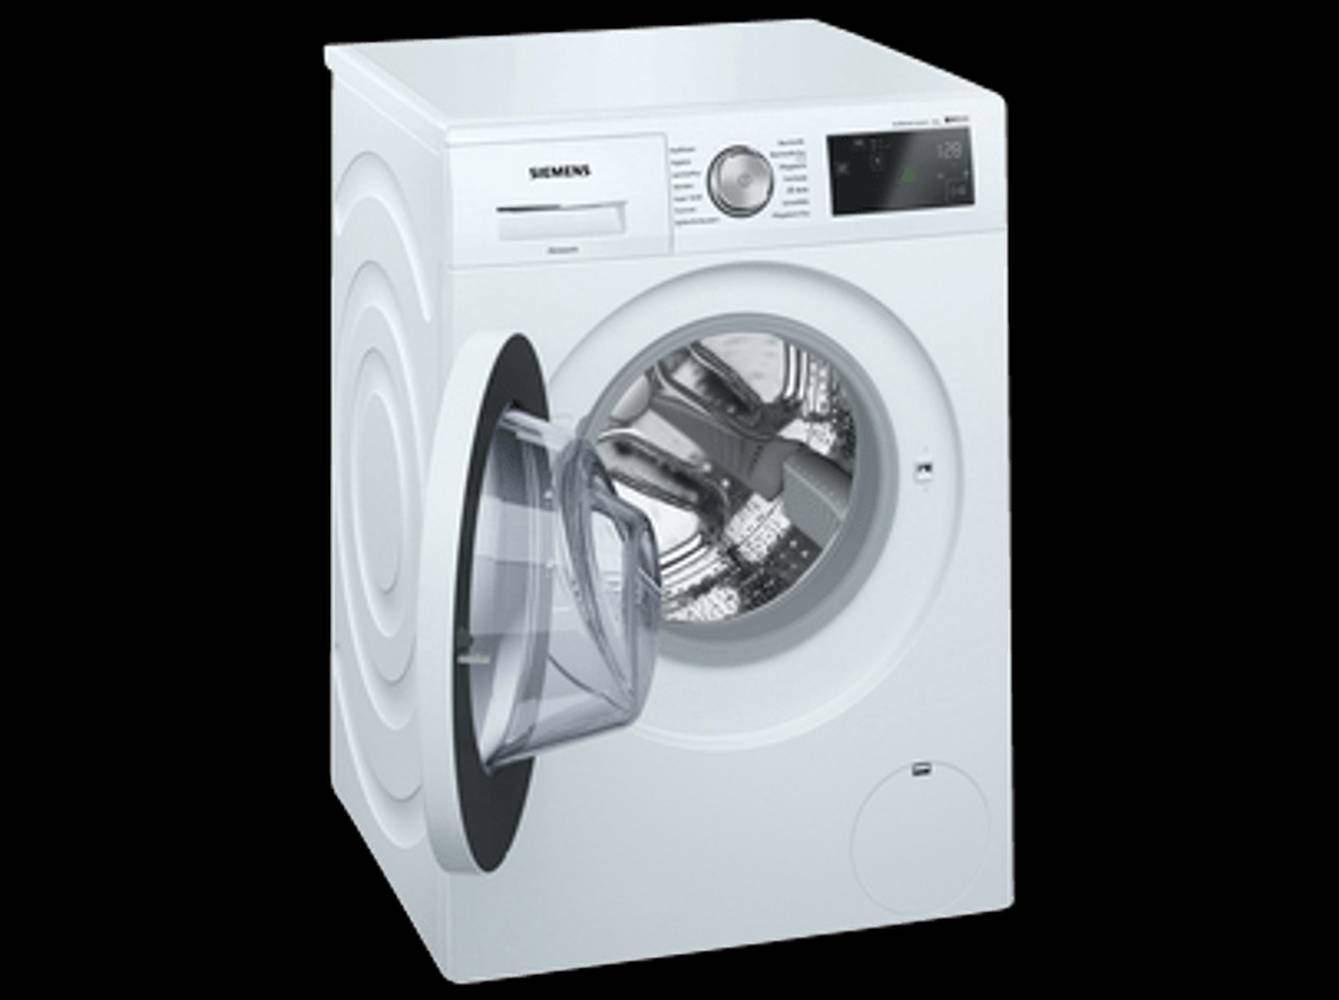 Waschmaschinenschrank test waschmaschinenschrank finden kaufen